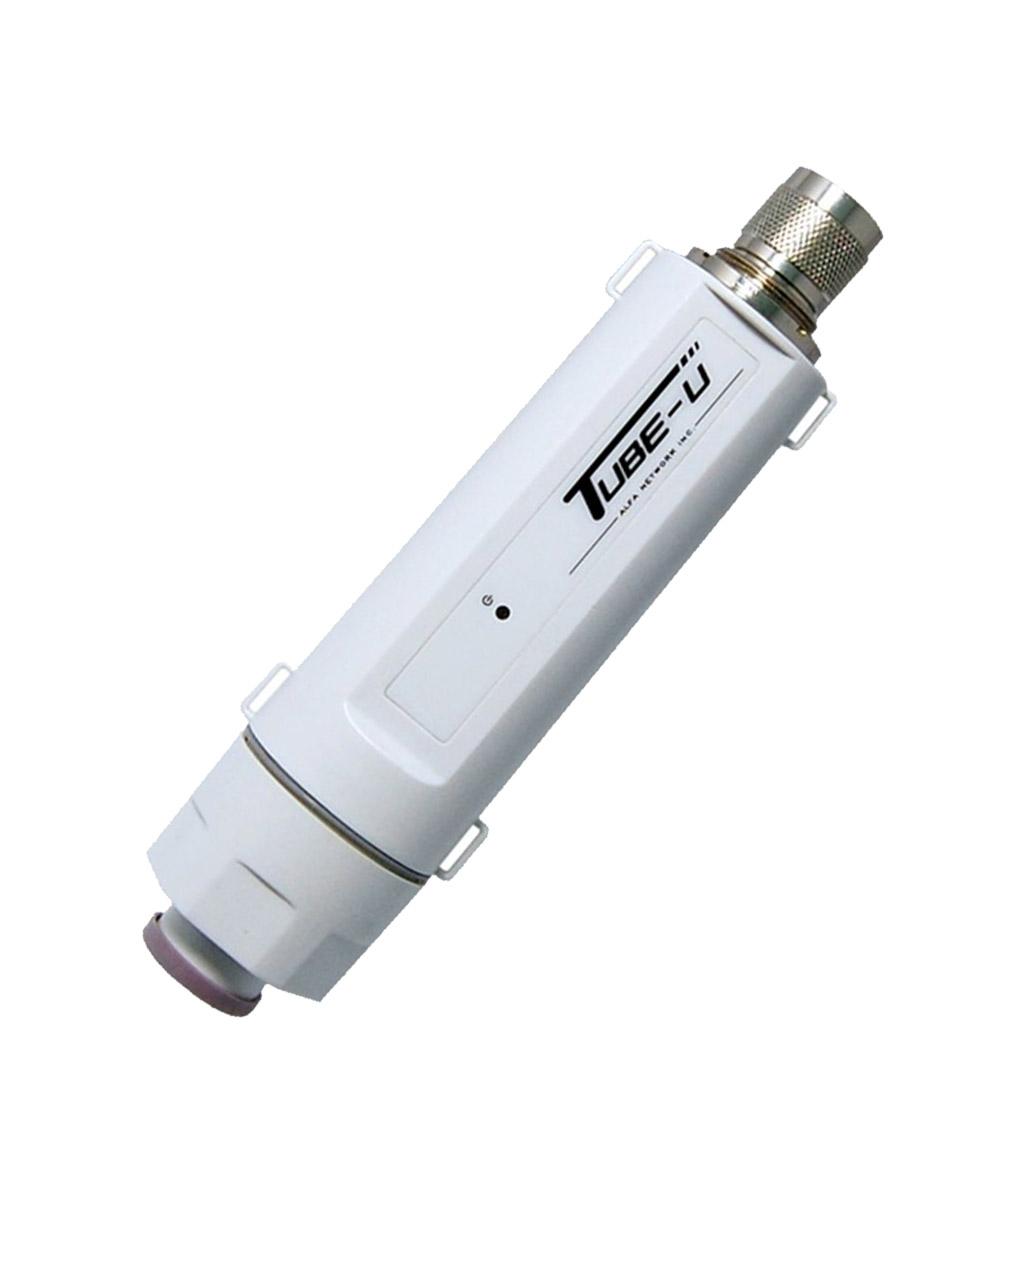 ALFA Network 9dbi wifi antenne met 5meter USB kabel